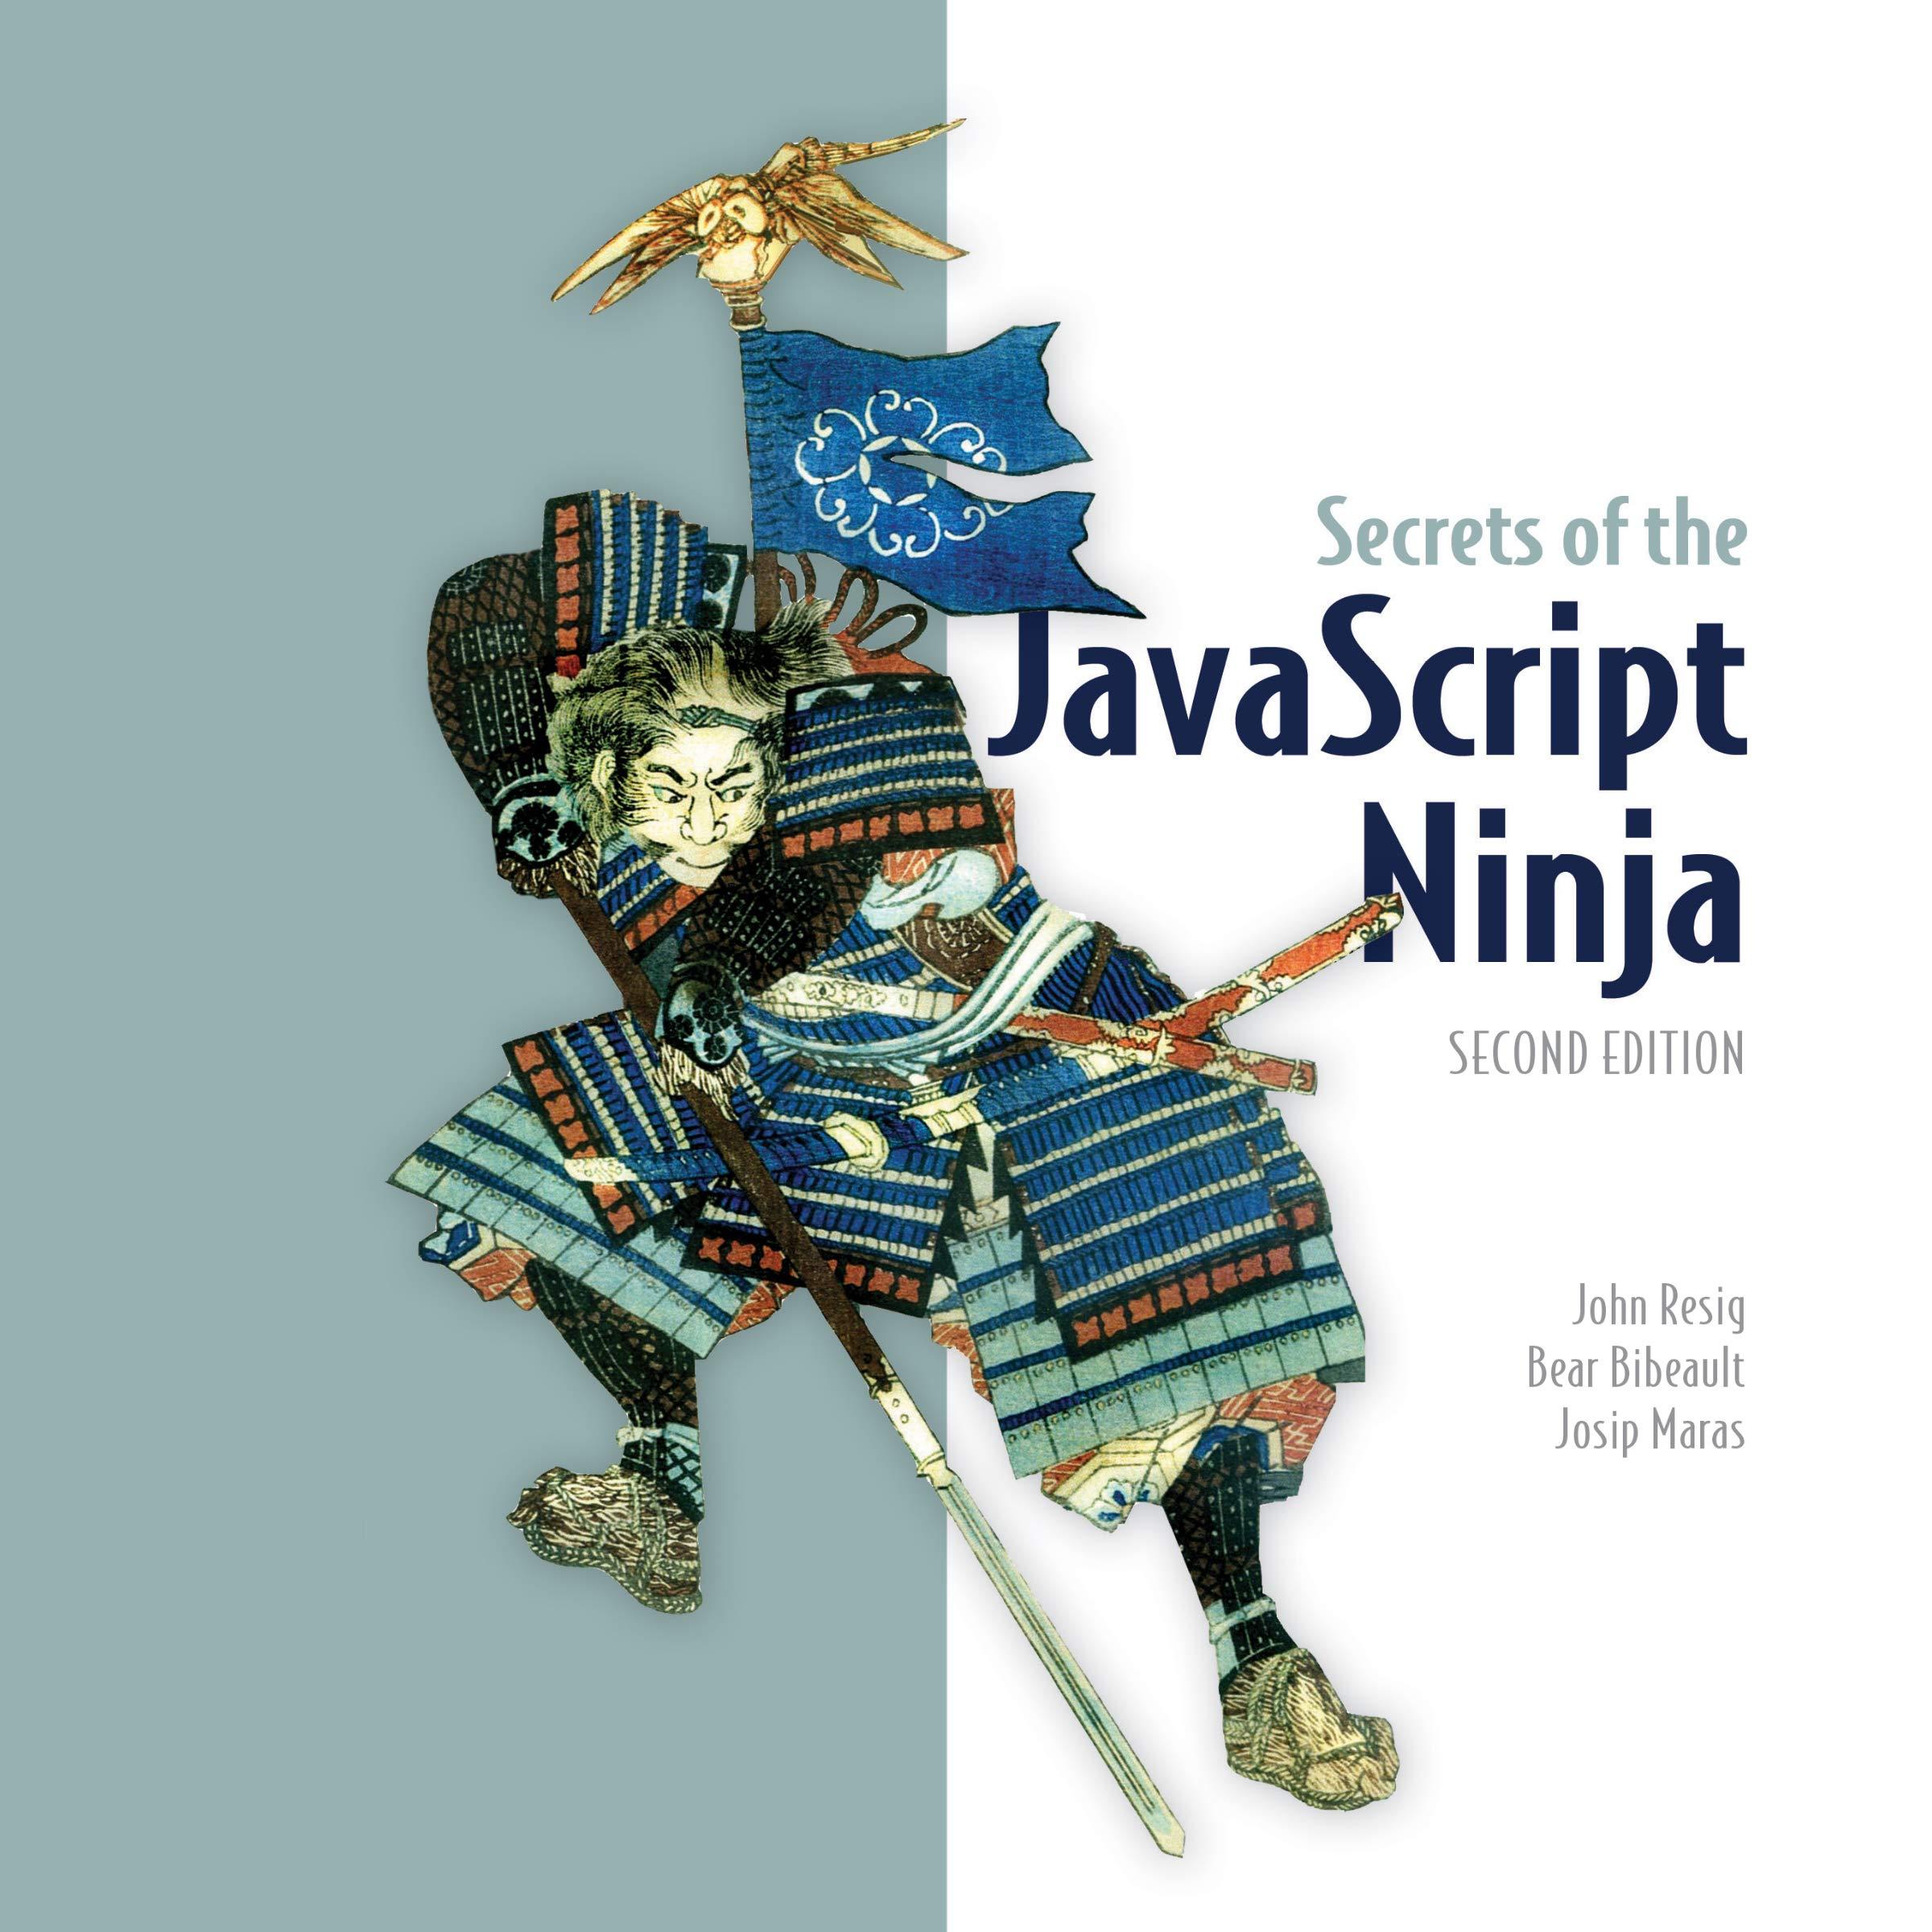 Secrets of the JavaScript Ninja